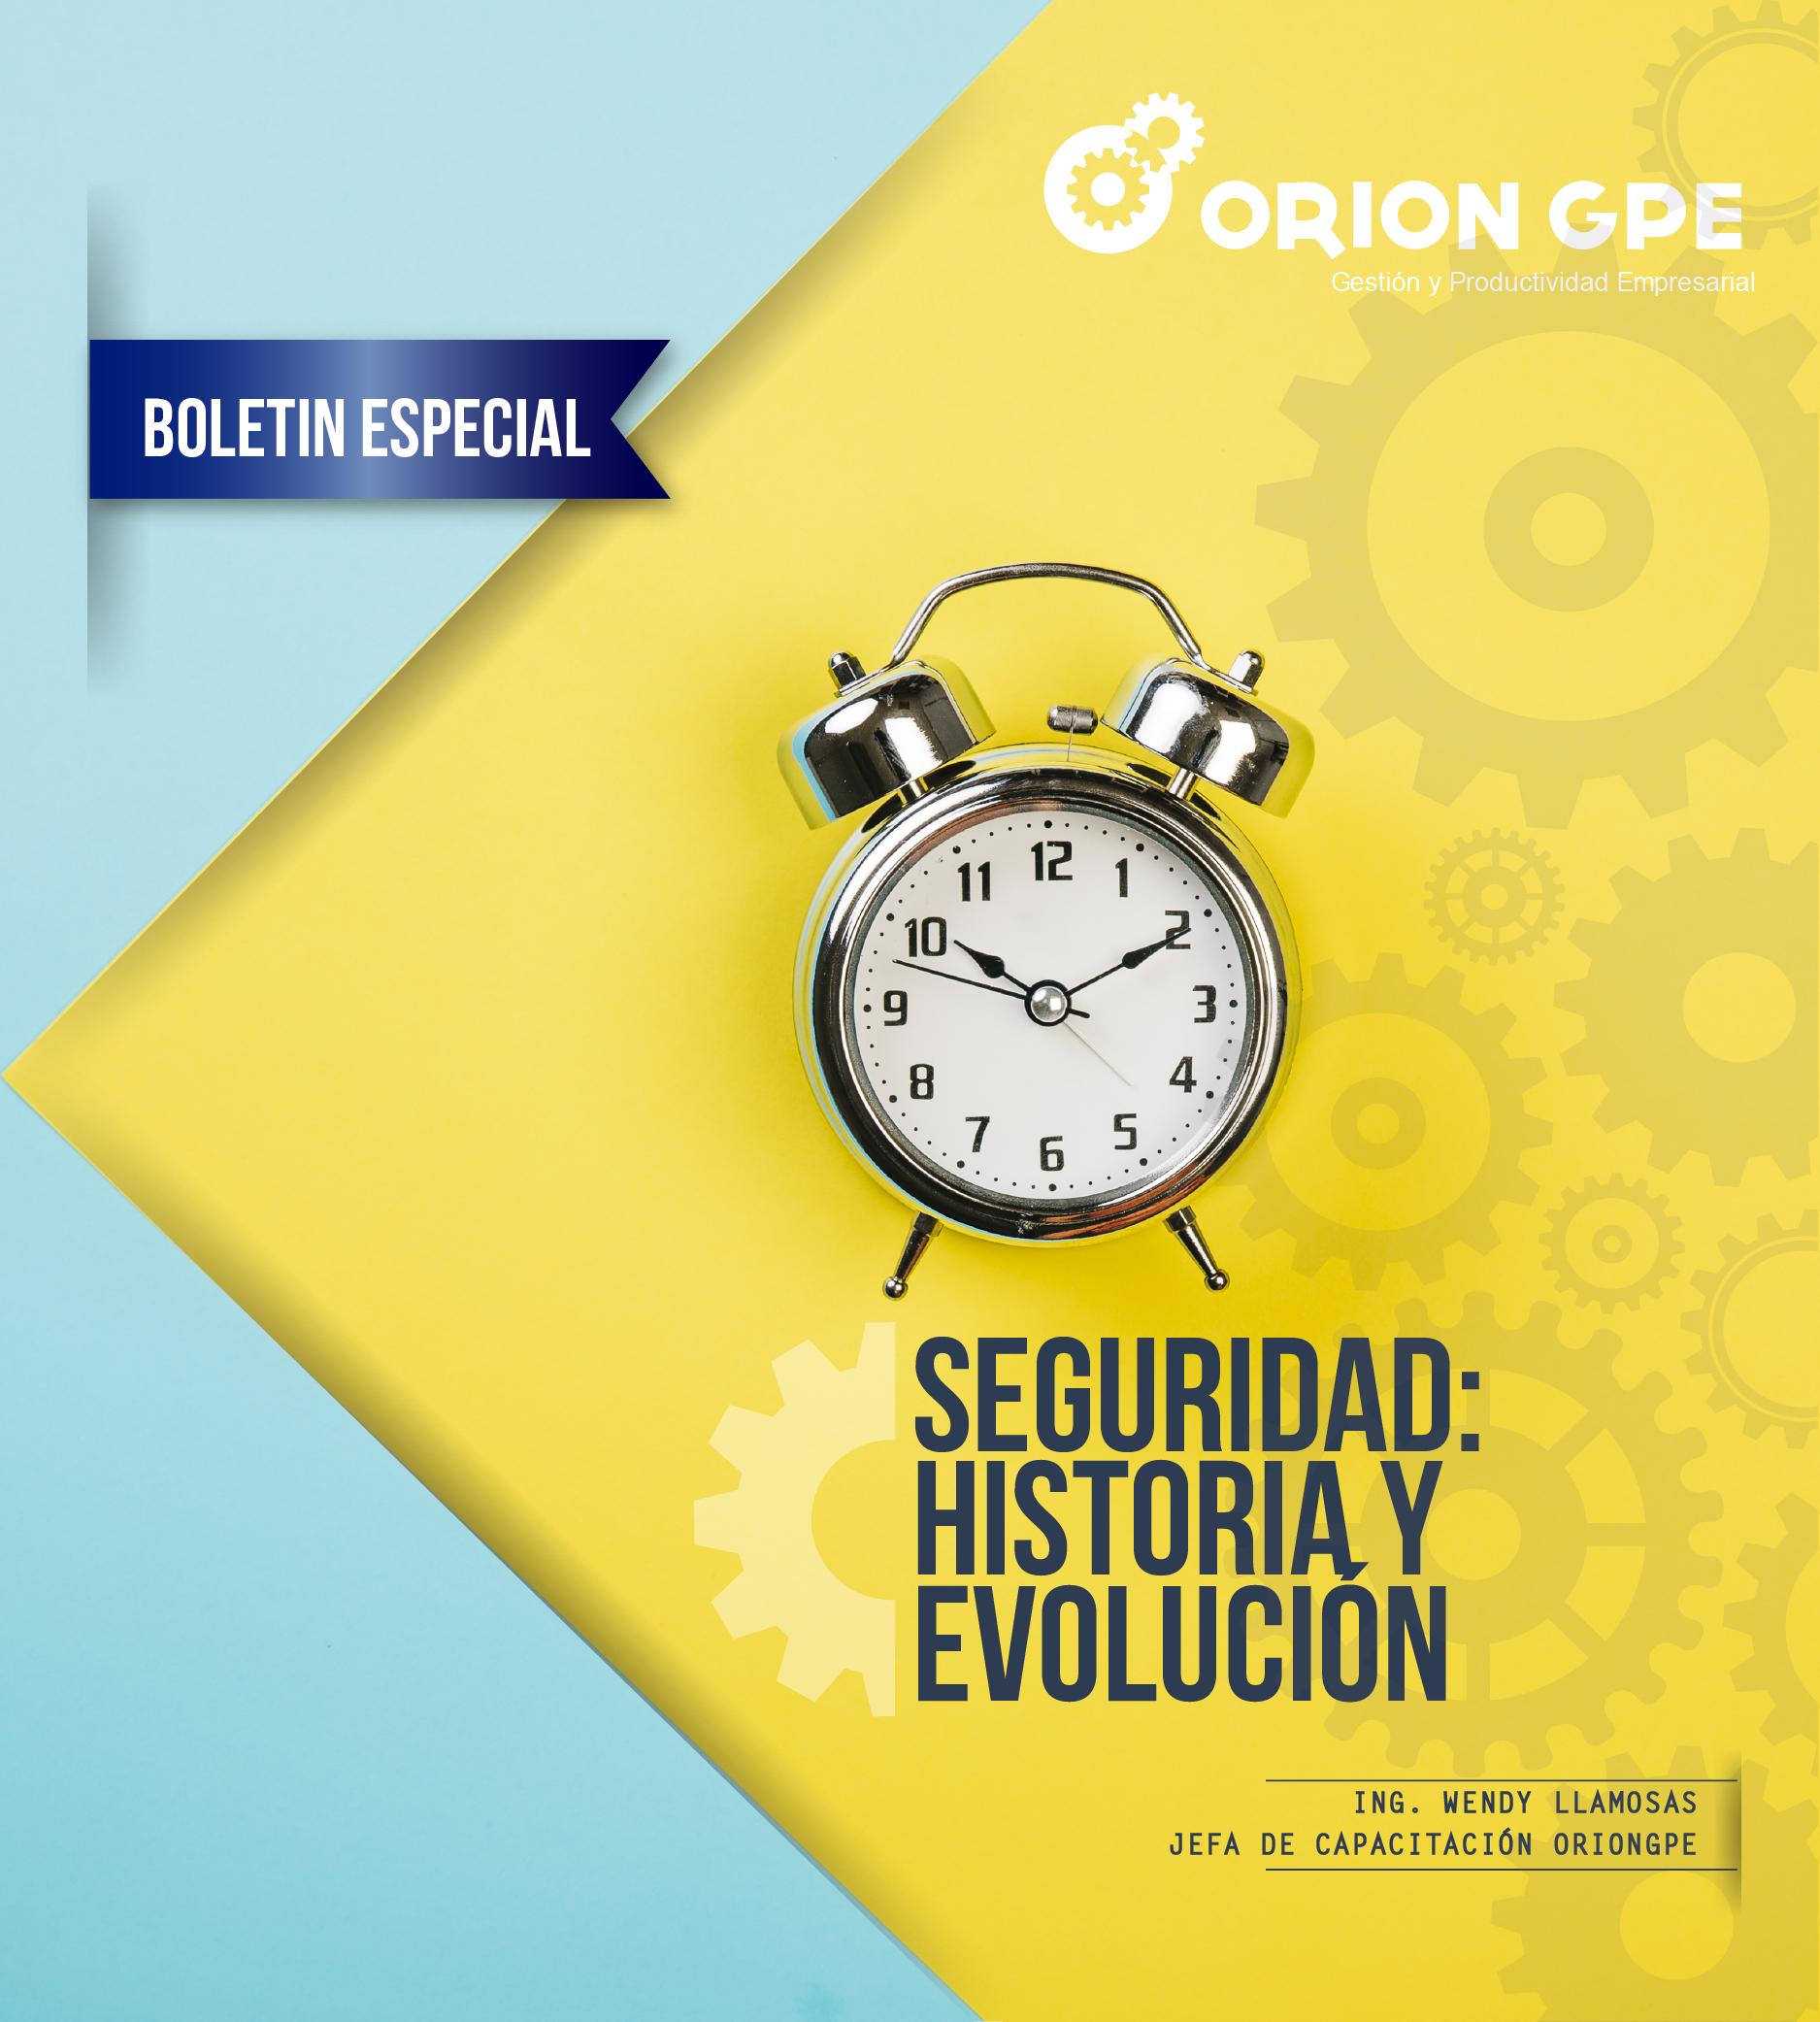 Seguridad: Historia y evolución